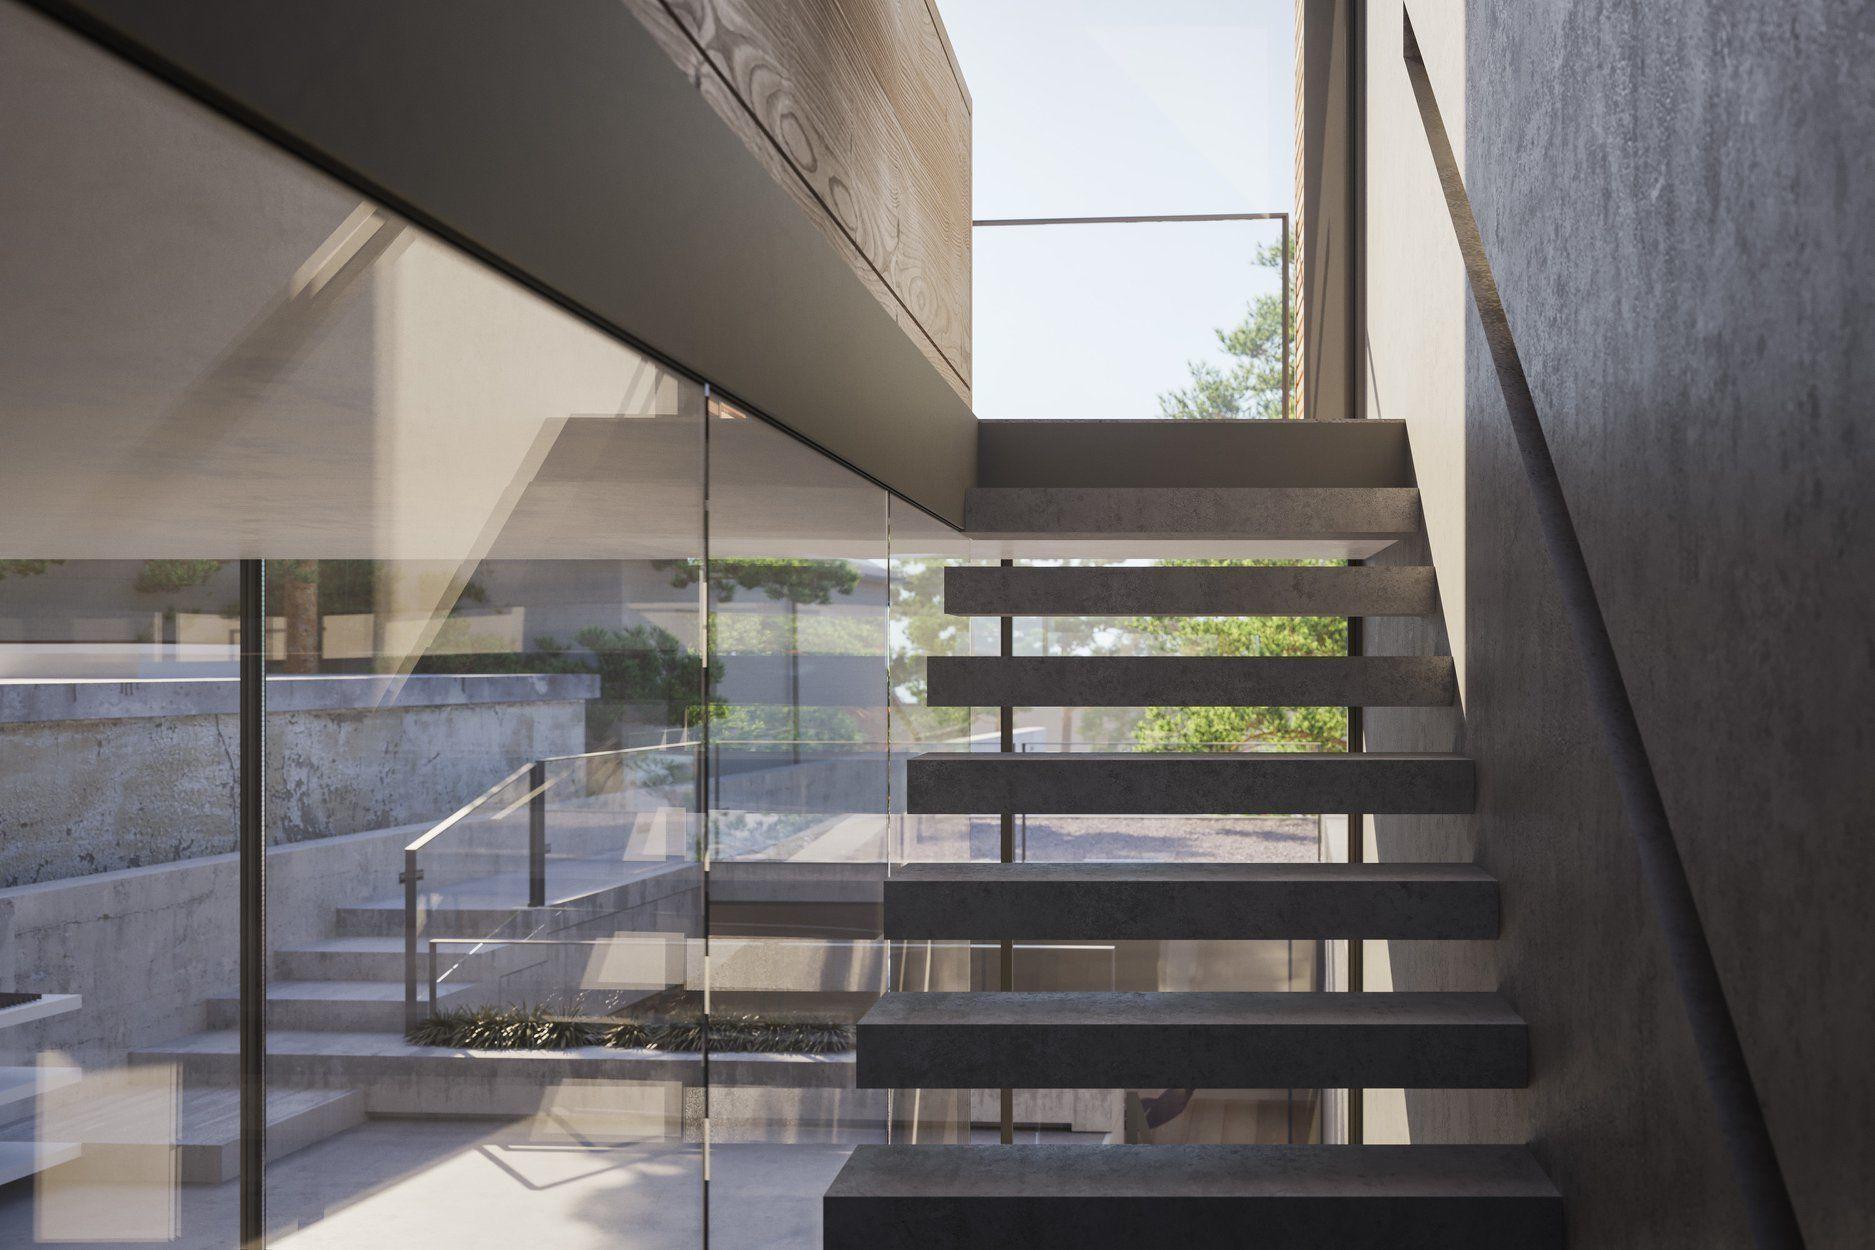 Home architect scene